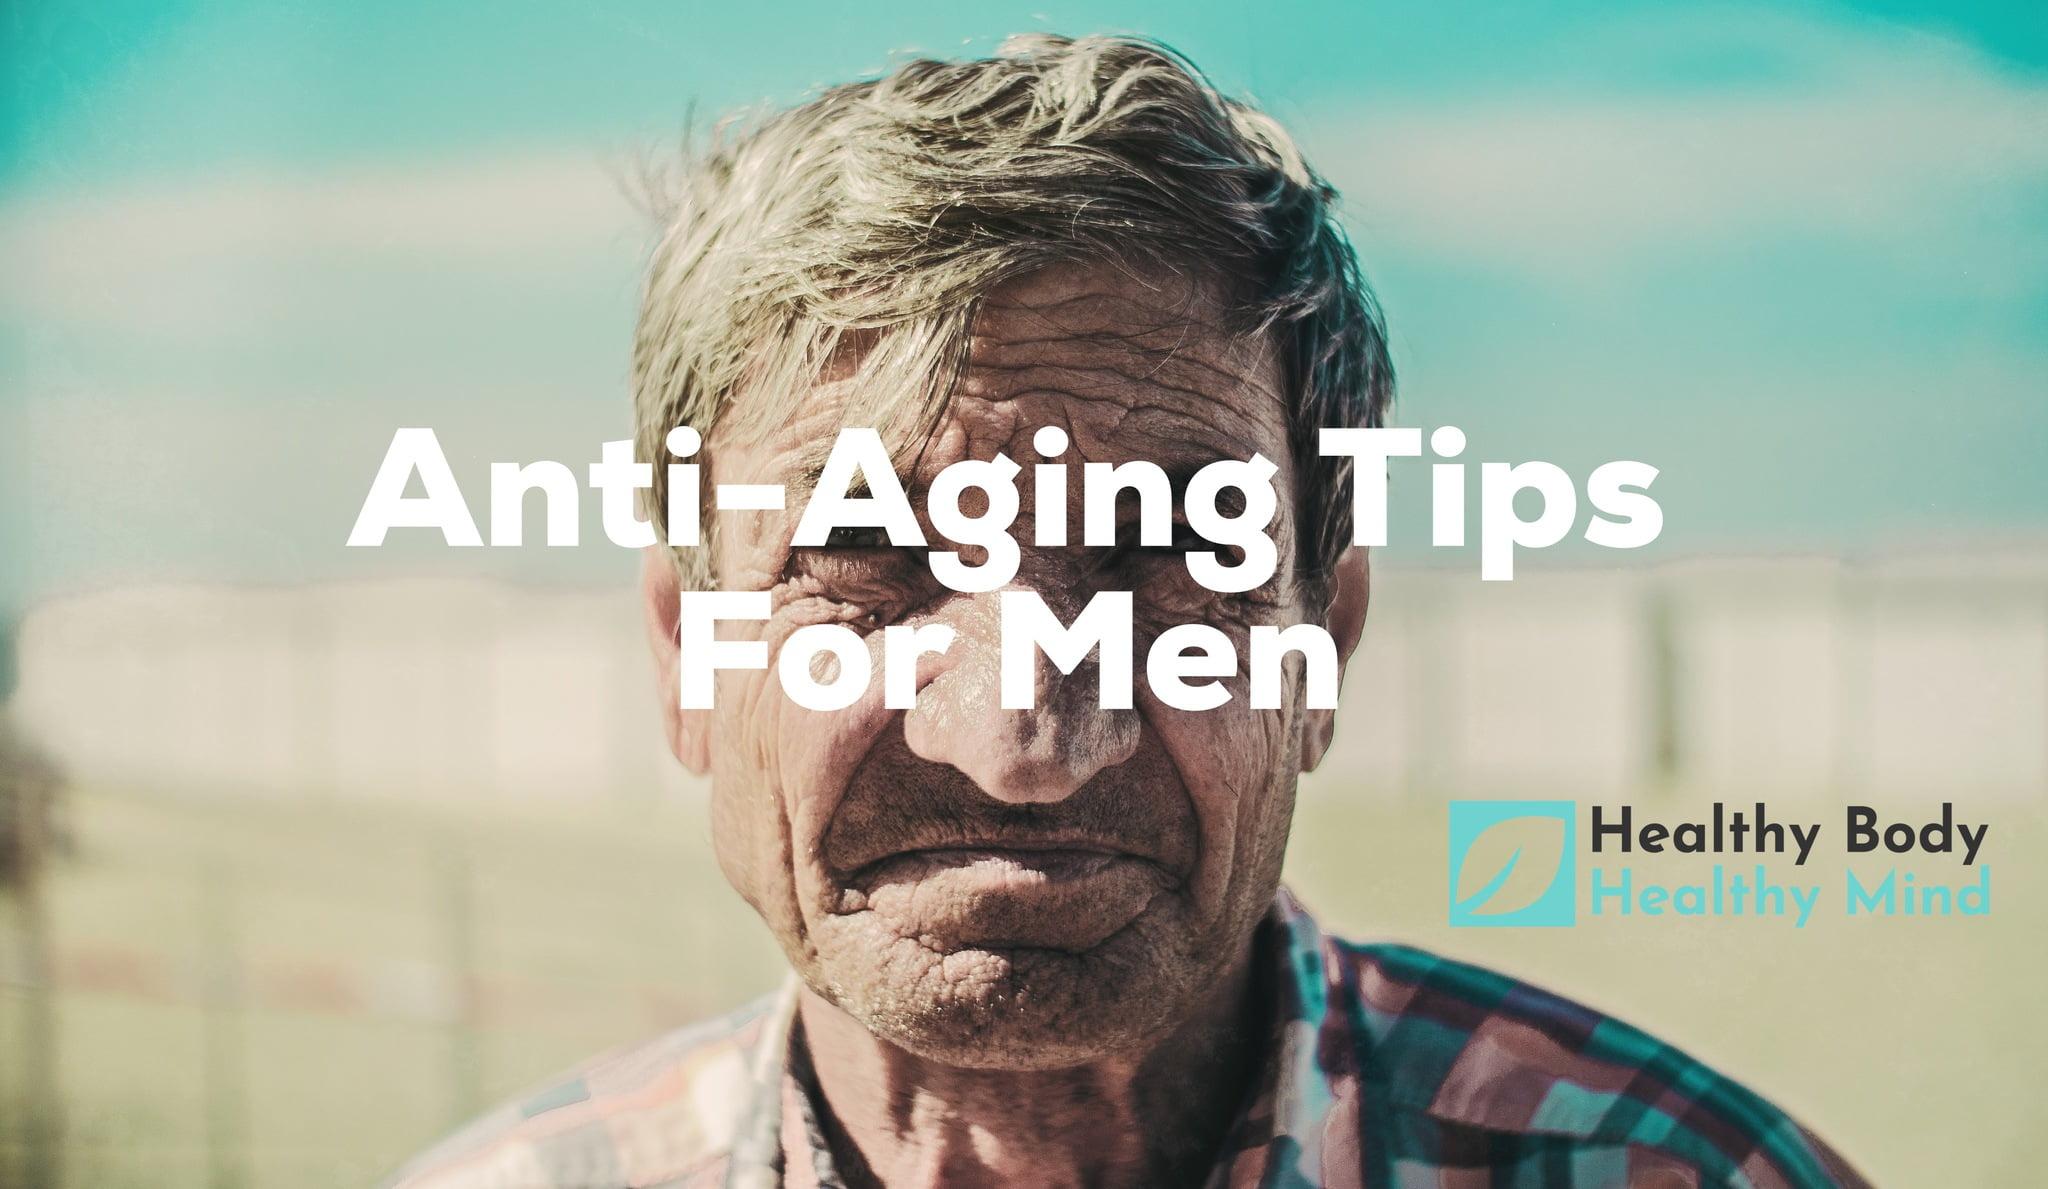 anti-aging tips for men